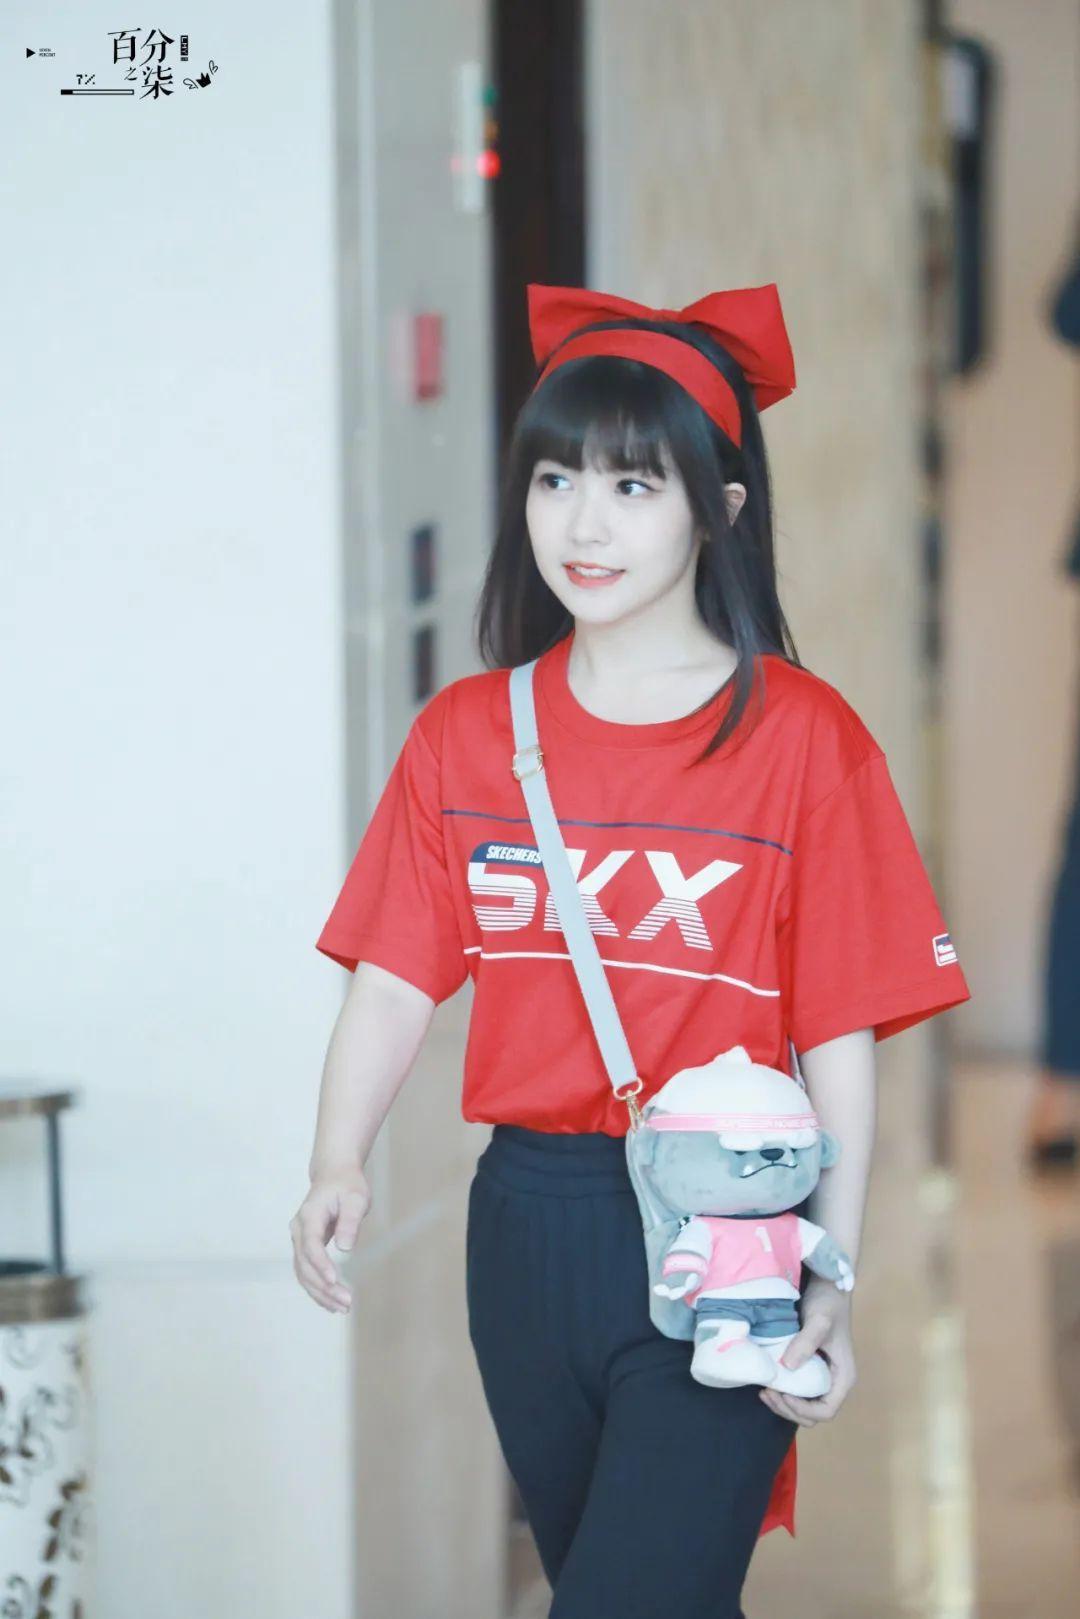 妹子写真 – 女王范的刘亦菲和傻白甜的赖美云,你更喜欢哪一位?_图片 No.15